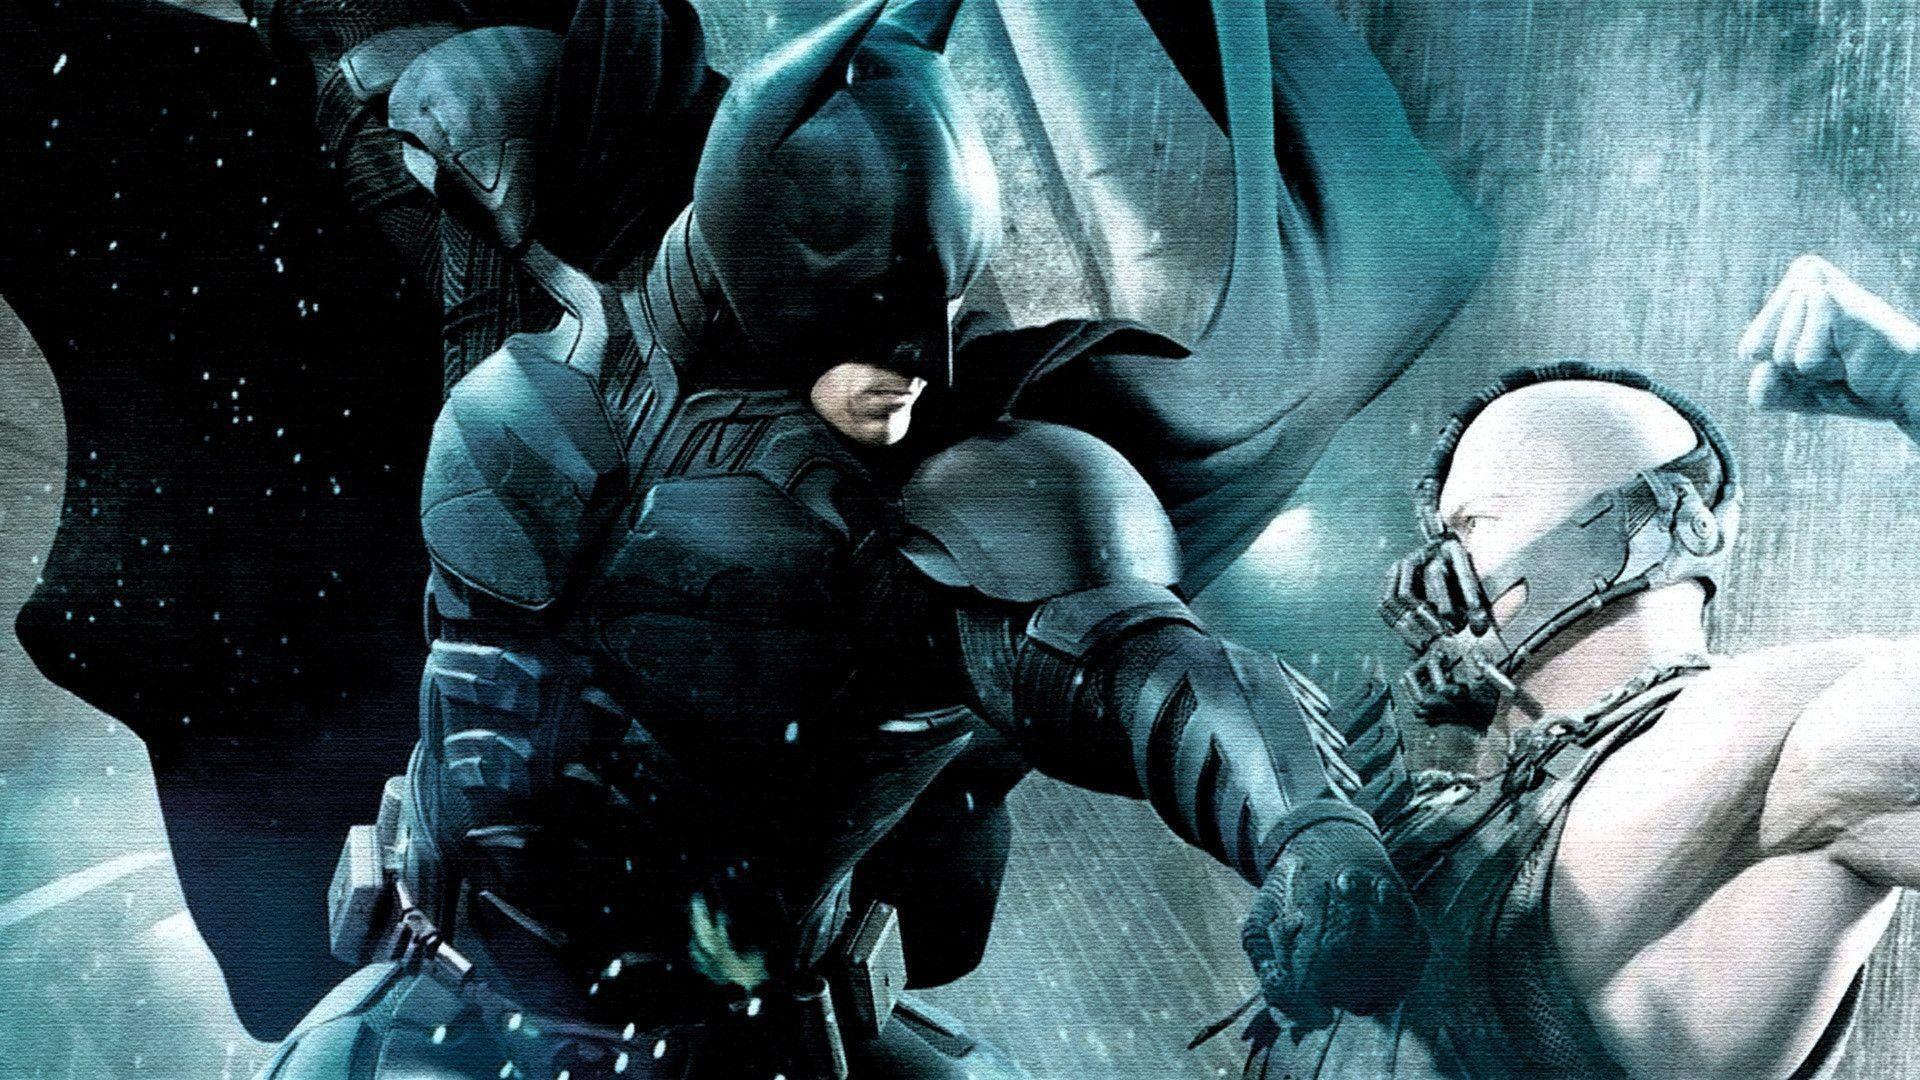 Images For > Batman Hd Wallpaper 1920×1080